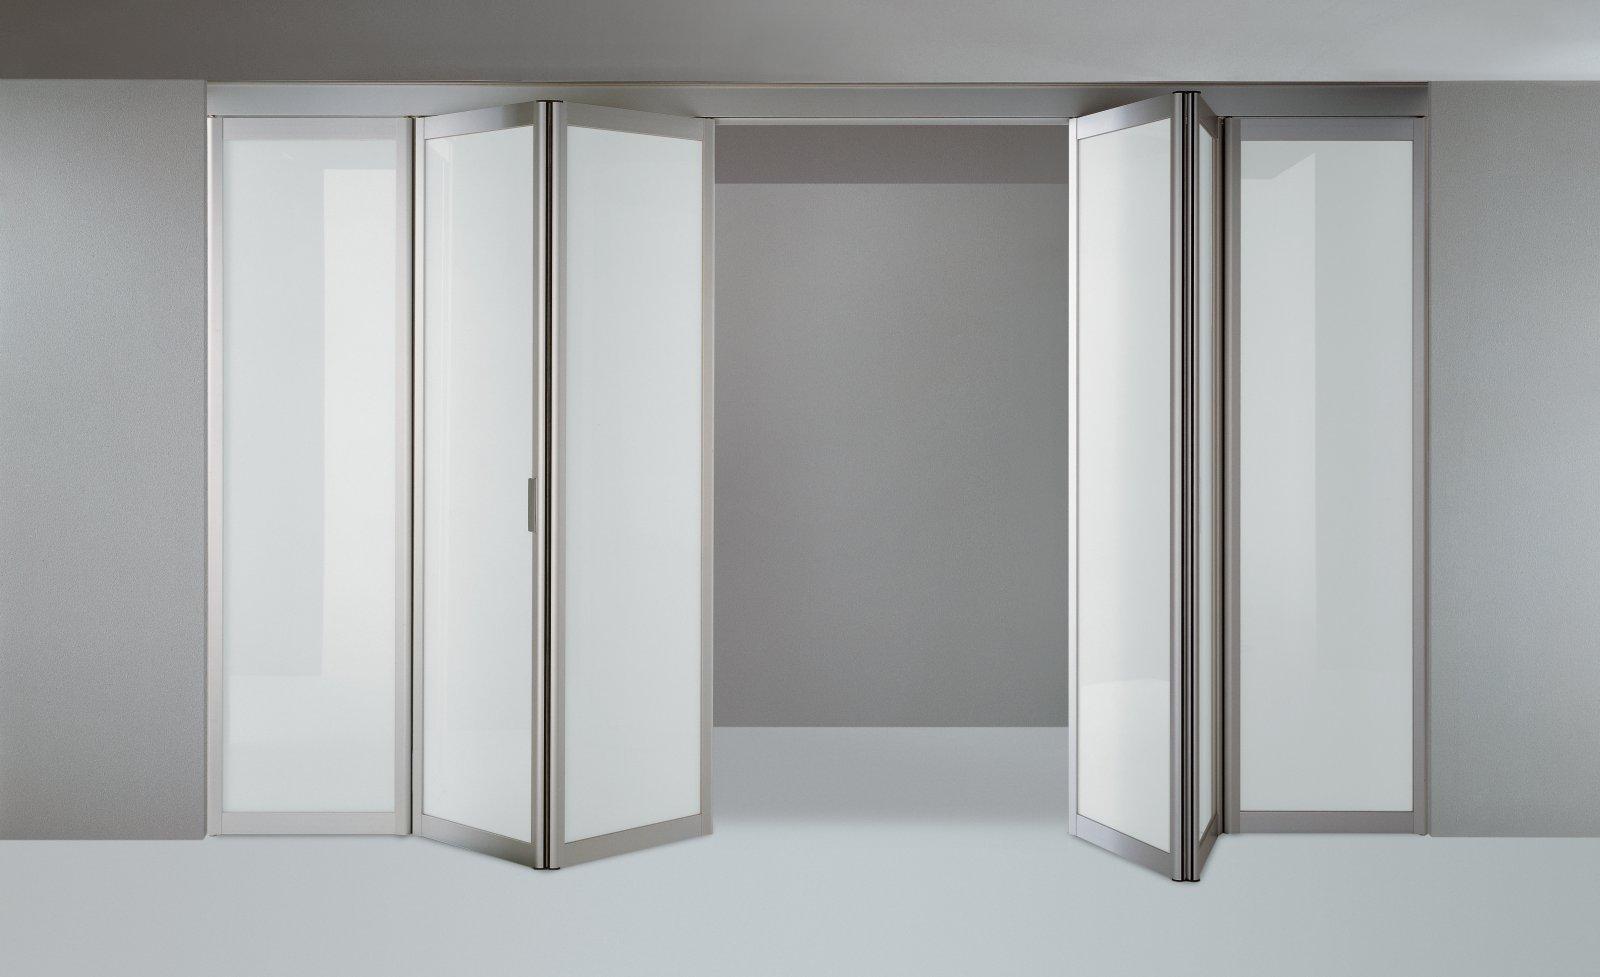 Marcado ce en puertas abatibles puertas de garaje en madrid - Puertas de cristal abatibles precios ...